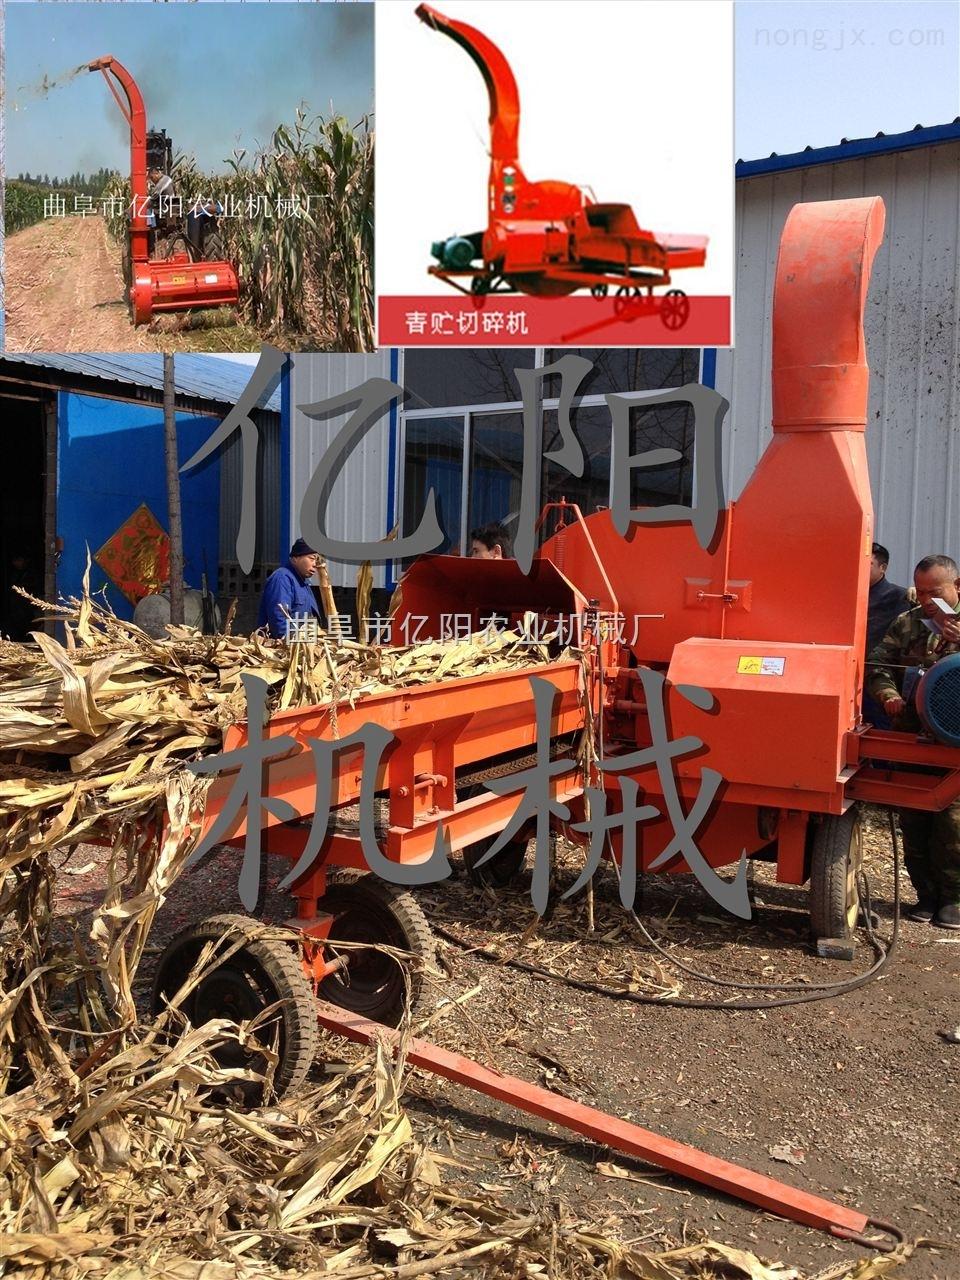 玉米秸秆铡草机,安徽玉米秸秆铡草机报价